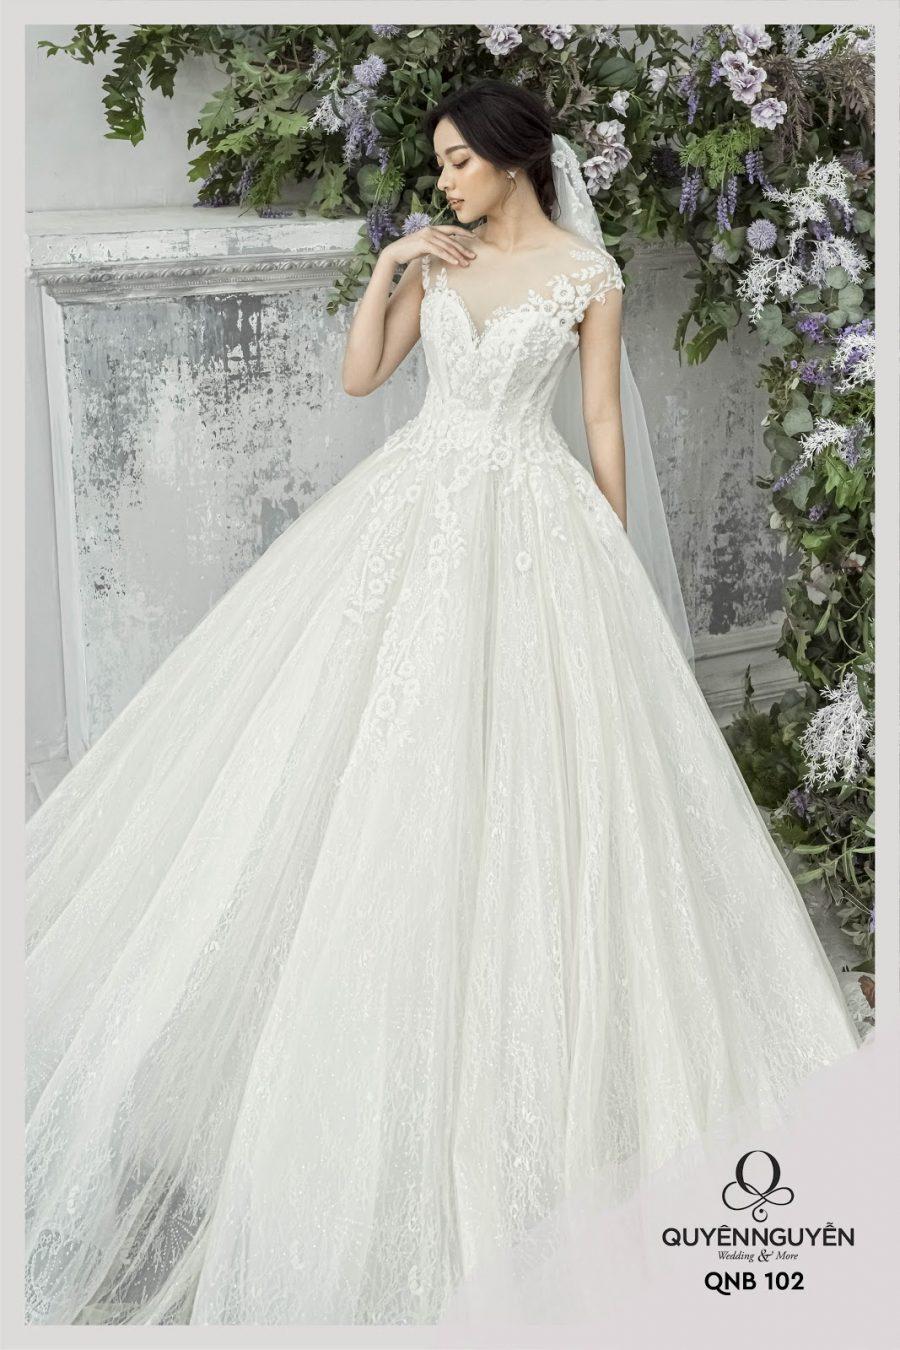 Các mẫu váy cưới cô dâu bầu đẹp nhất 2020-2021